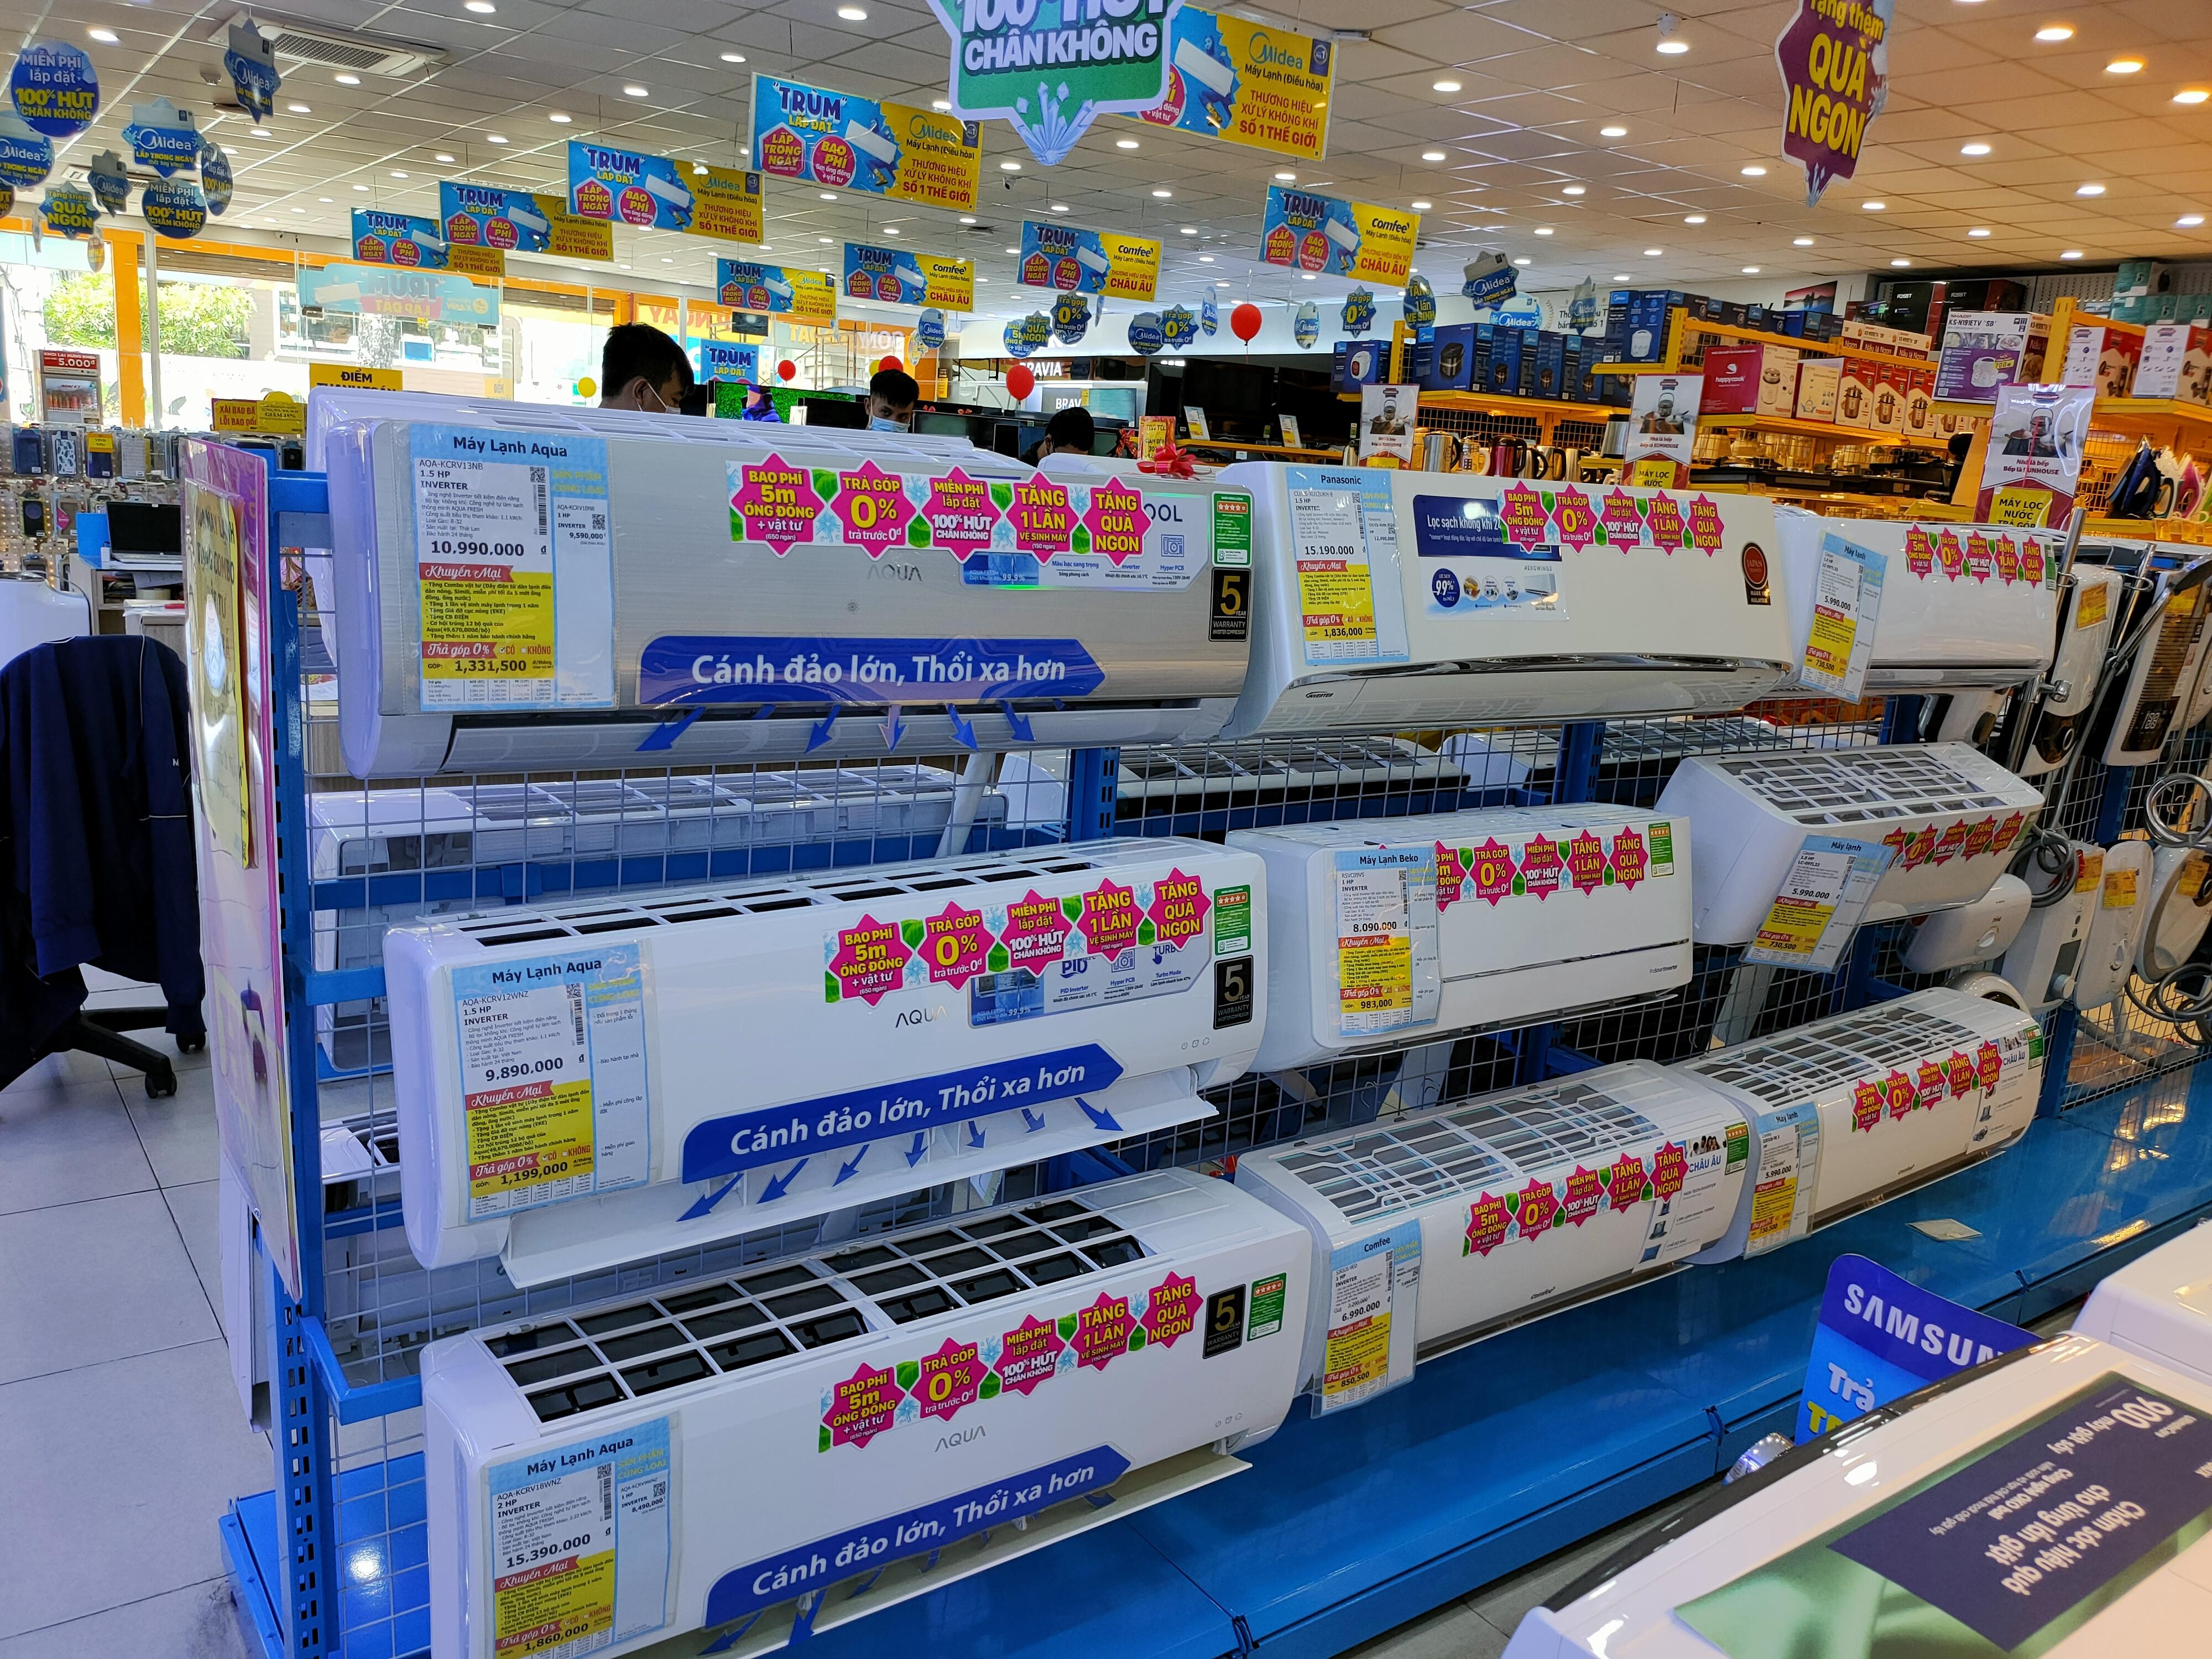 Những máy lạnh giảm giá nổi bật đầu tháng 6 - Ảnh 1.